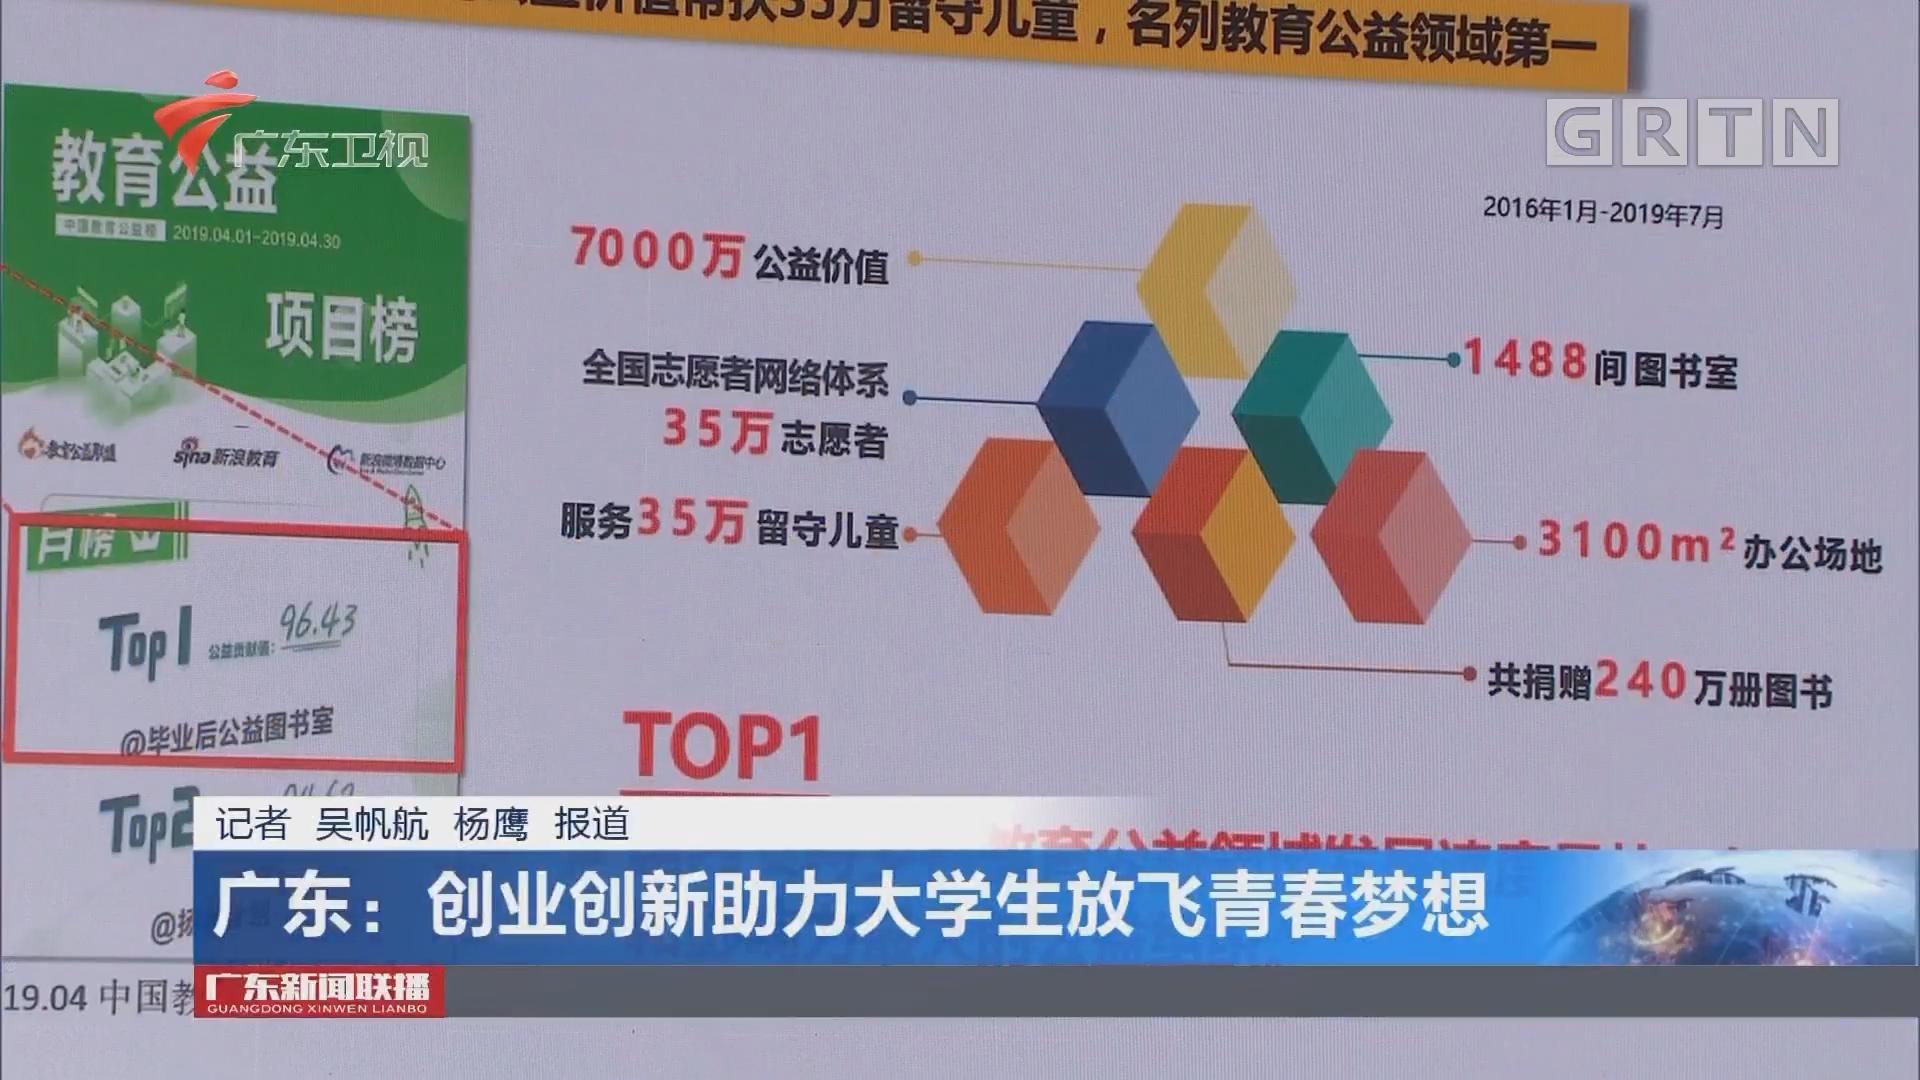 广东:创业创新助力大学生放飞青春梦想